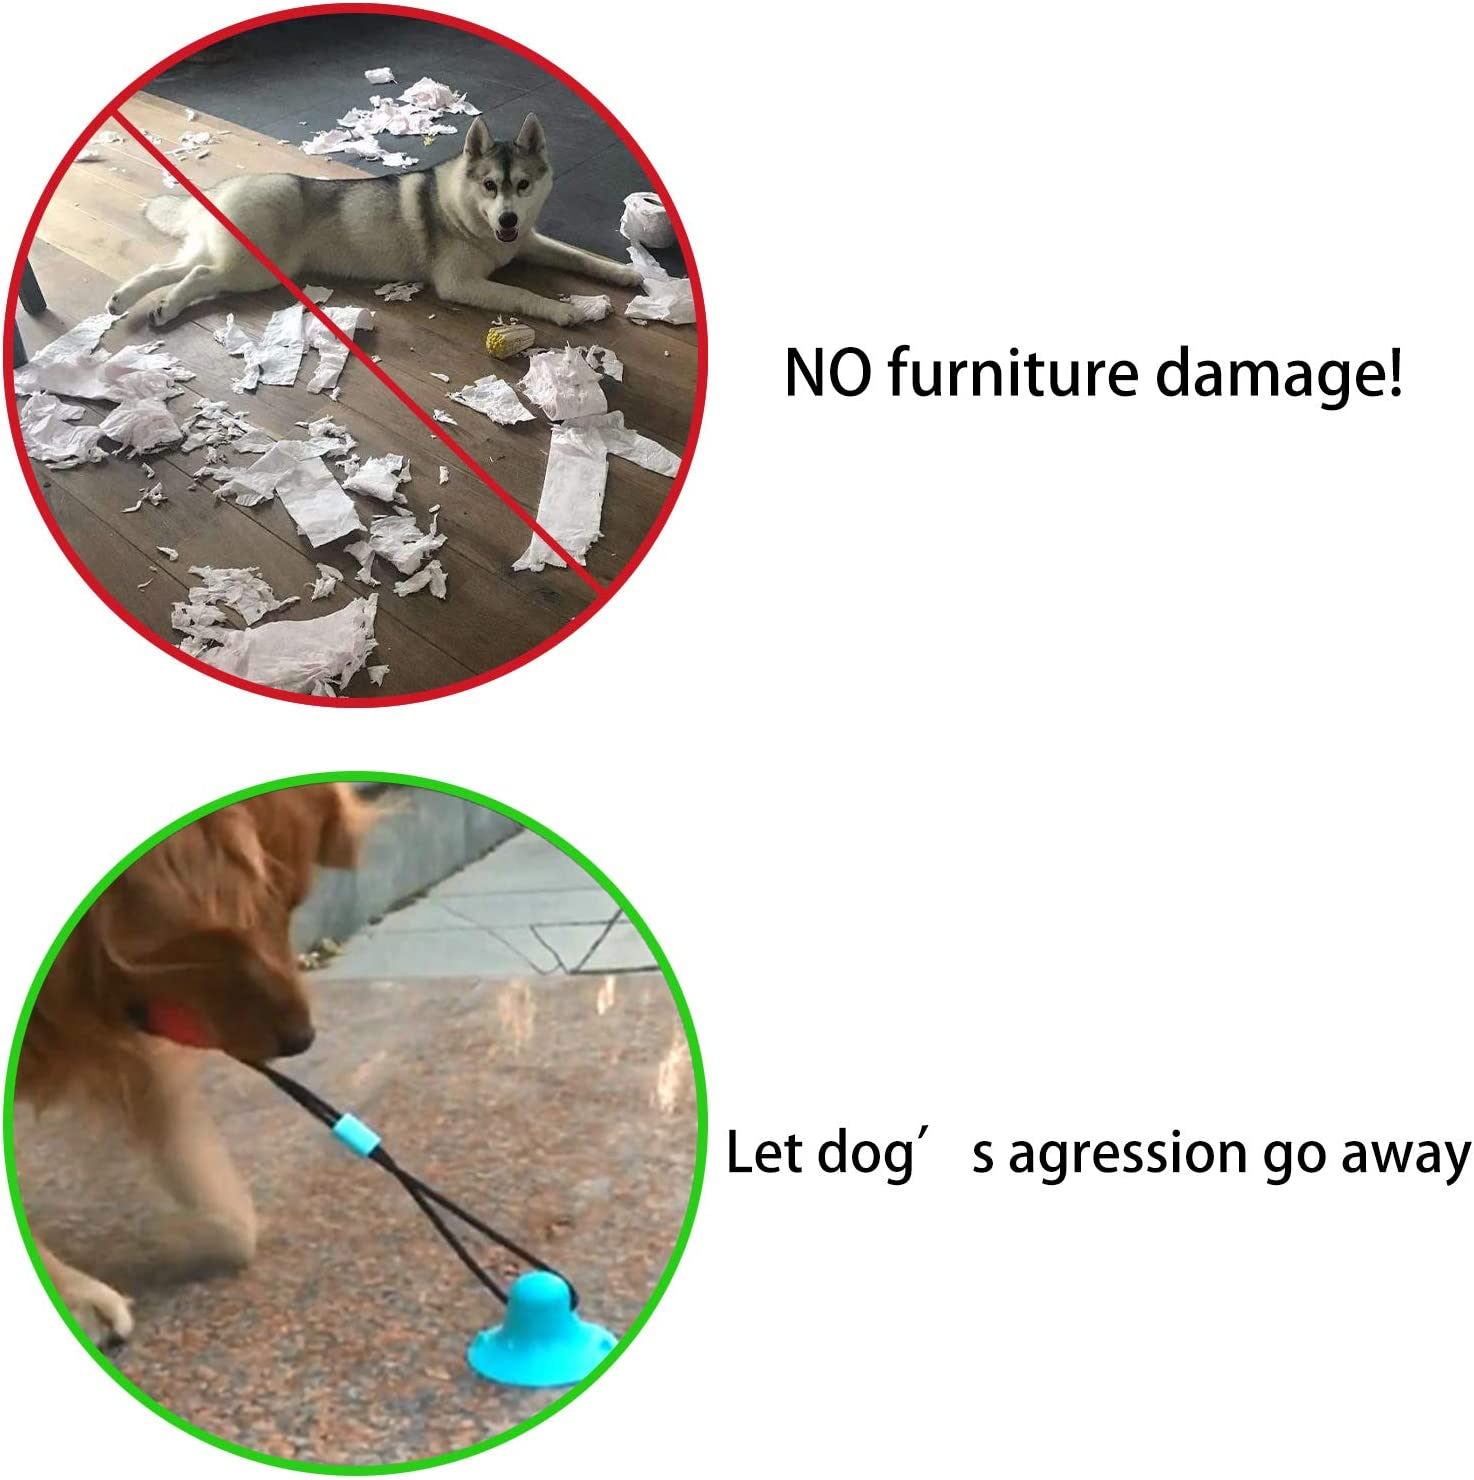 Pet Toy con Ventosa Leeko Giocattolo per Cani con Ventosa Multifunction Pet Molar Bite Toy in Gomma Naturale per la Pulizia dei Denti con Funzione di Cura dei Denti per Cane